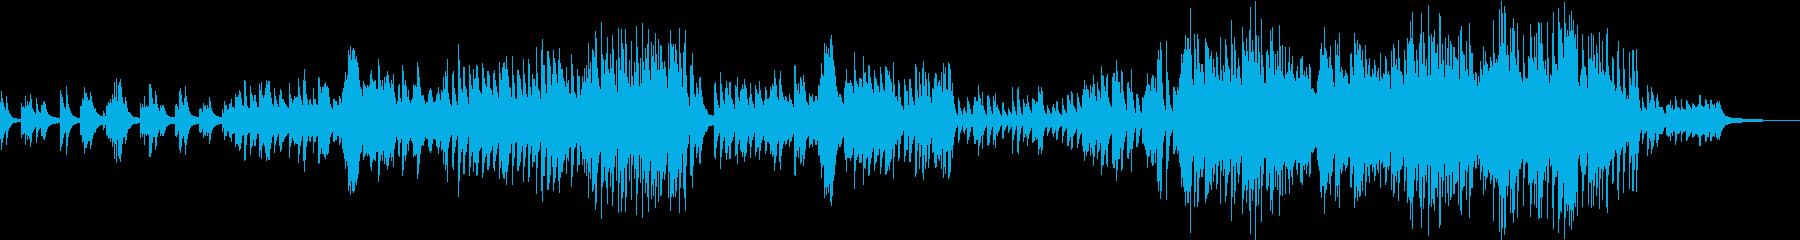 感動のシナリオをイメージしたピアノBGMの再生済みの波形